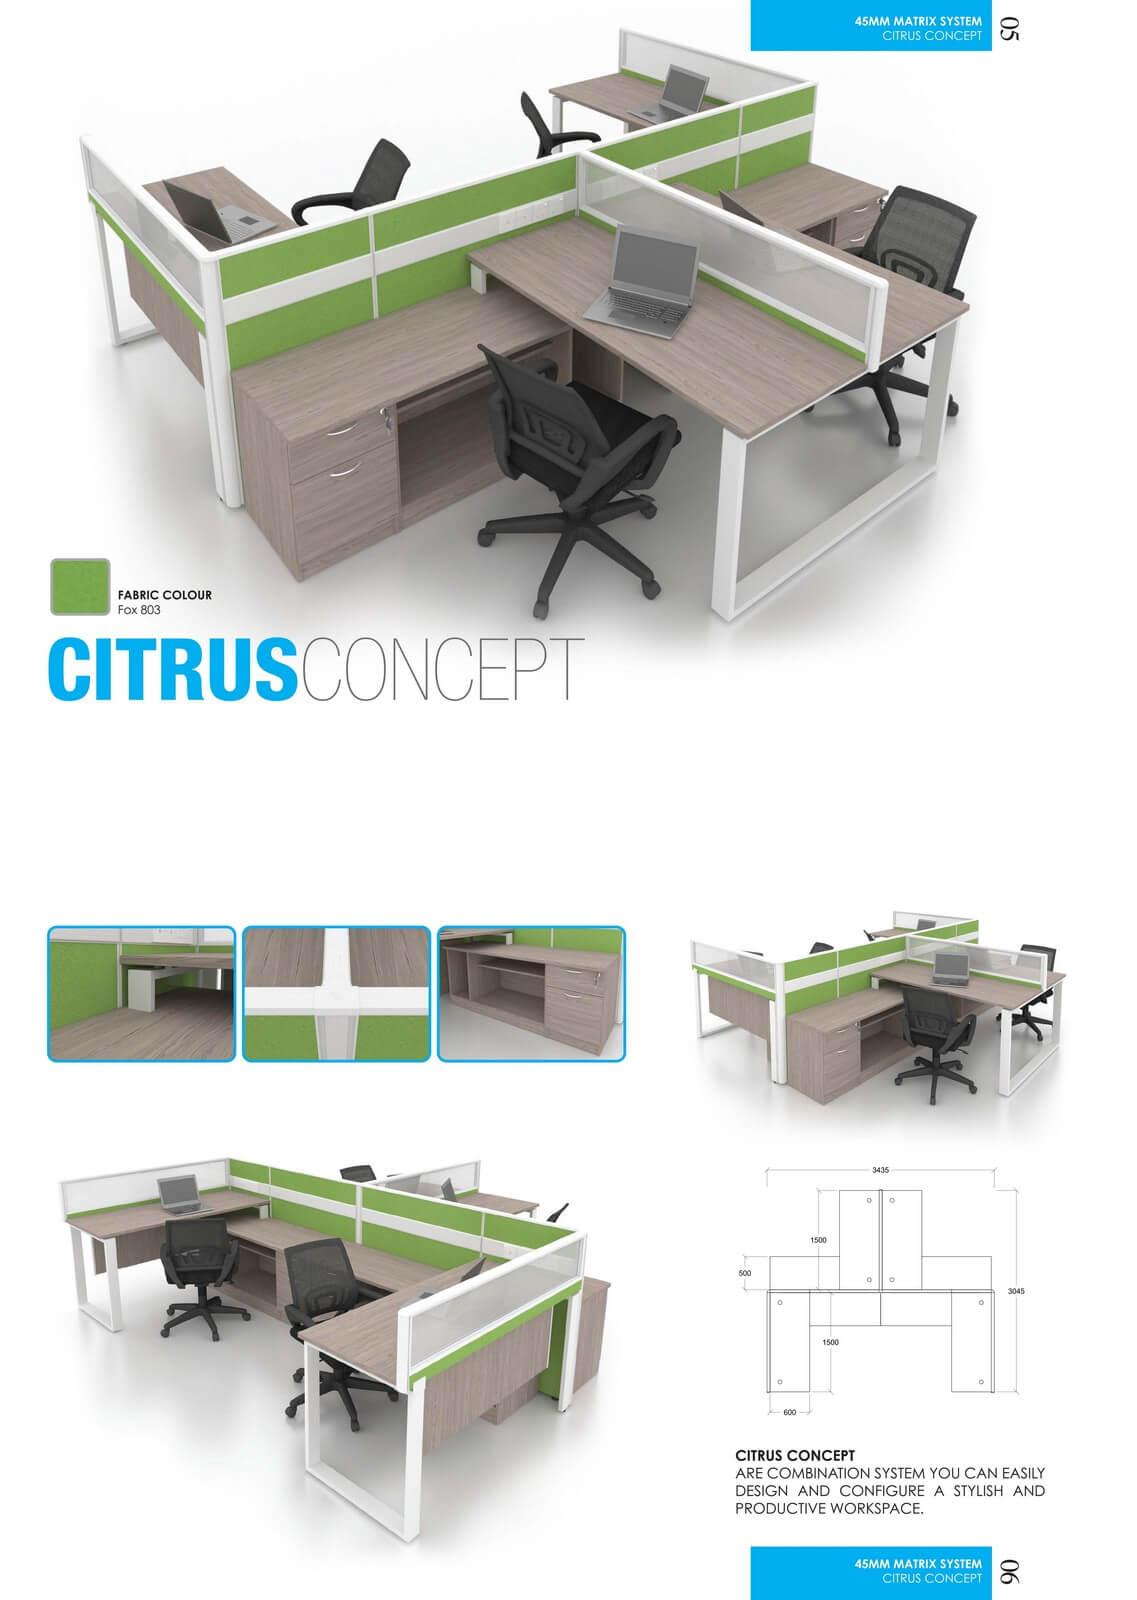 Office Workstation Citrus Concept